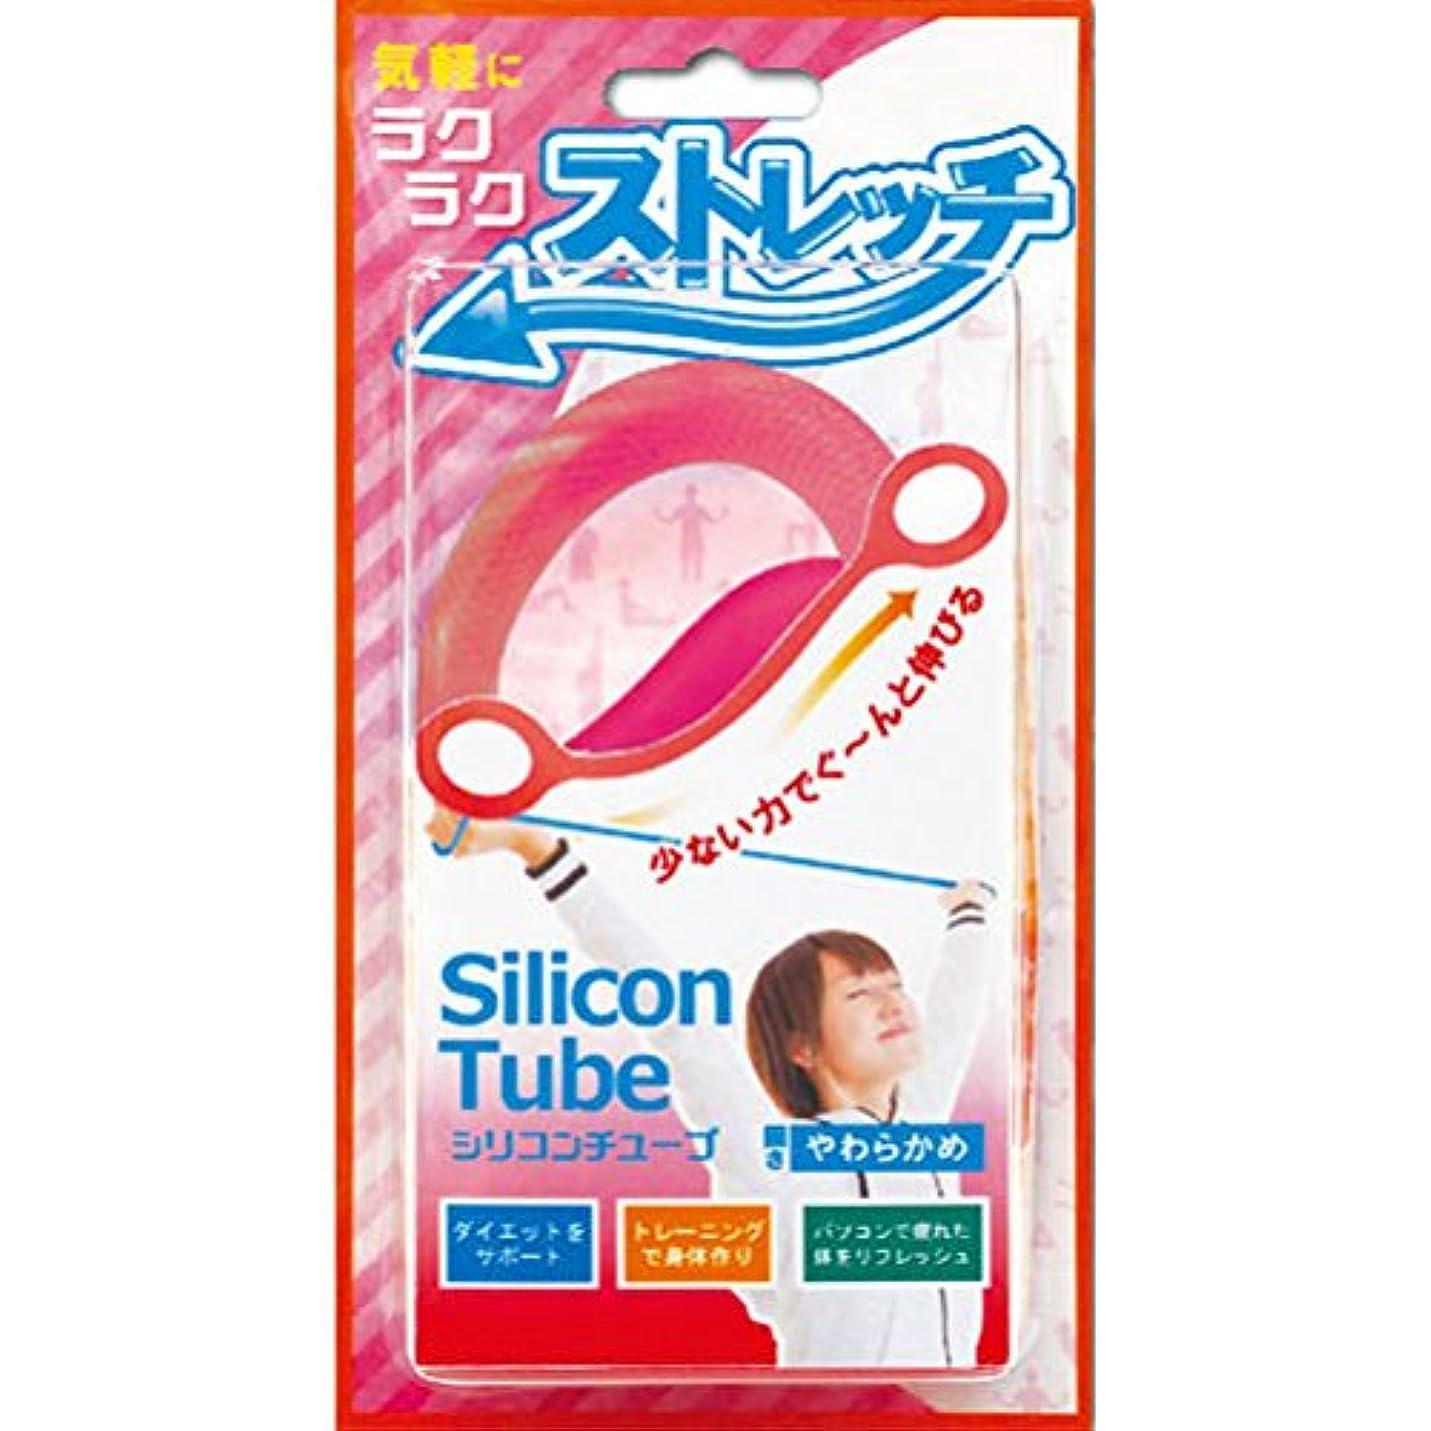 モンク懐締め切りシリコンチューブSTG-01 ピンク